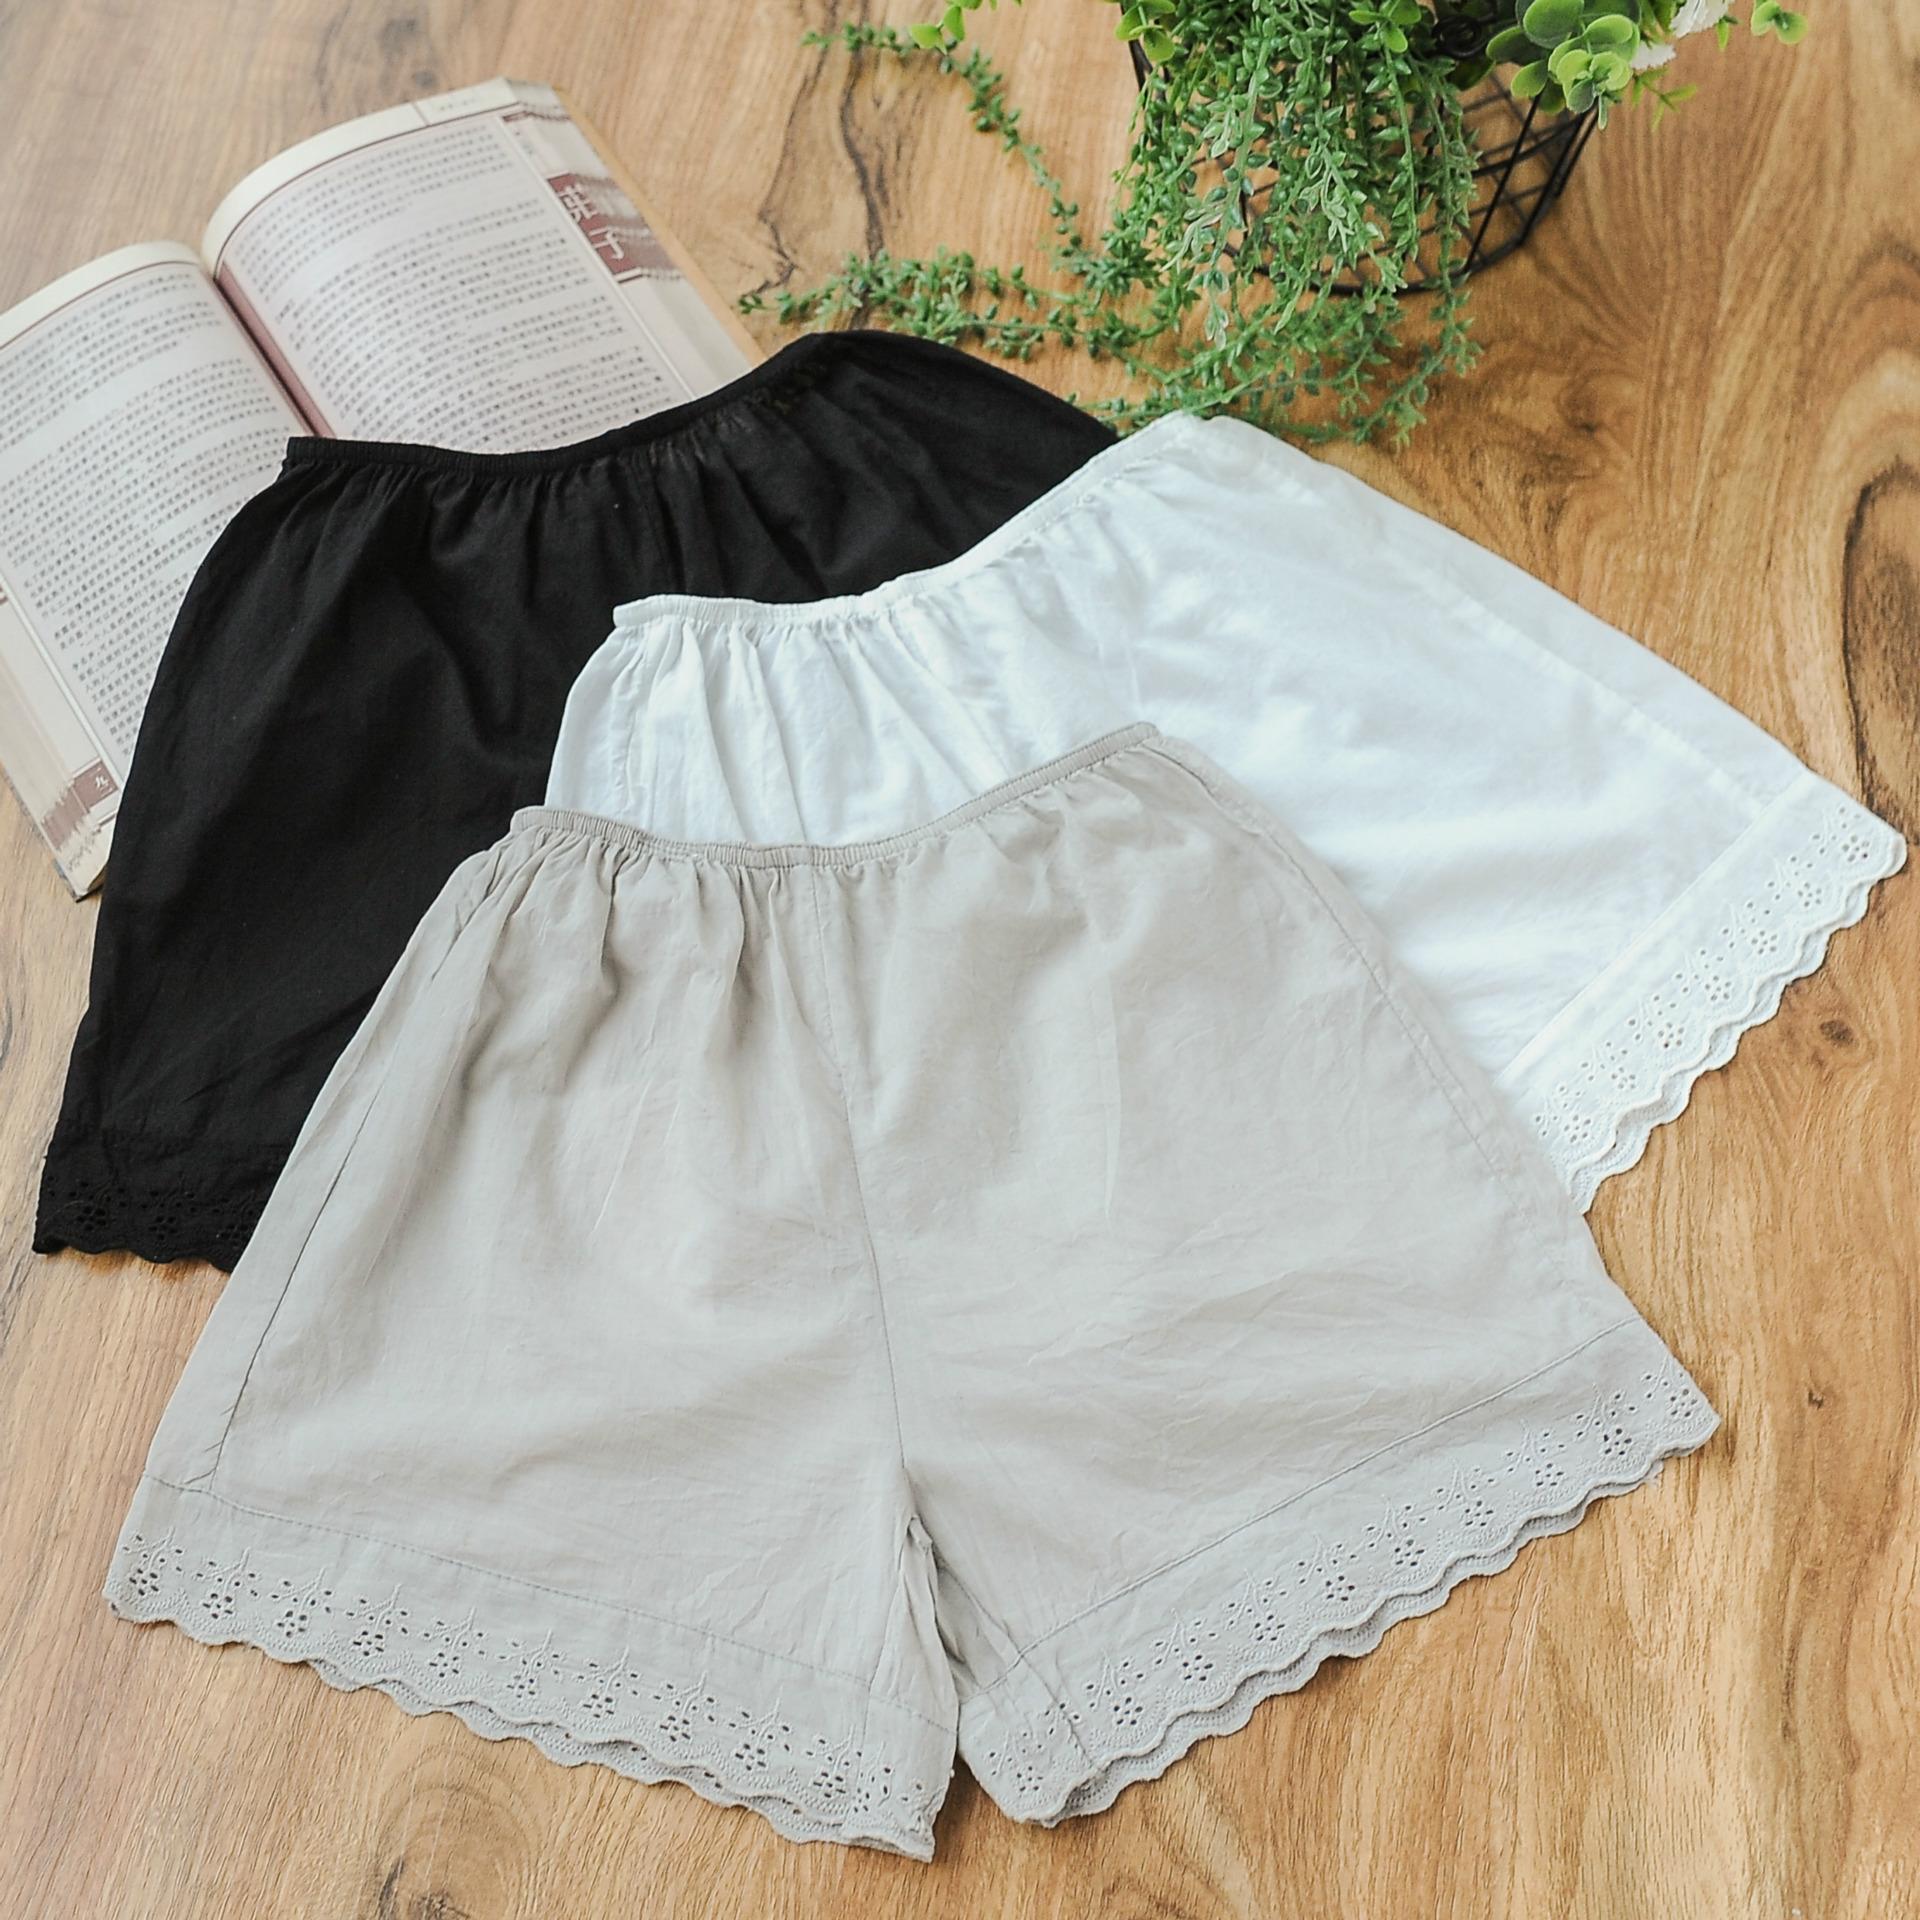 安全裤女纯棉 夏季薄款外穿防走光短裤大码不卷边宽松蕾丝打底裤